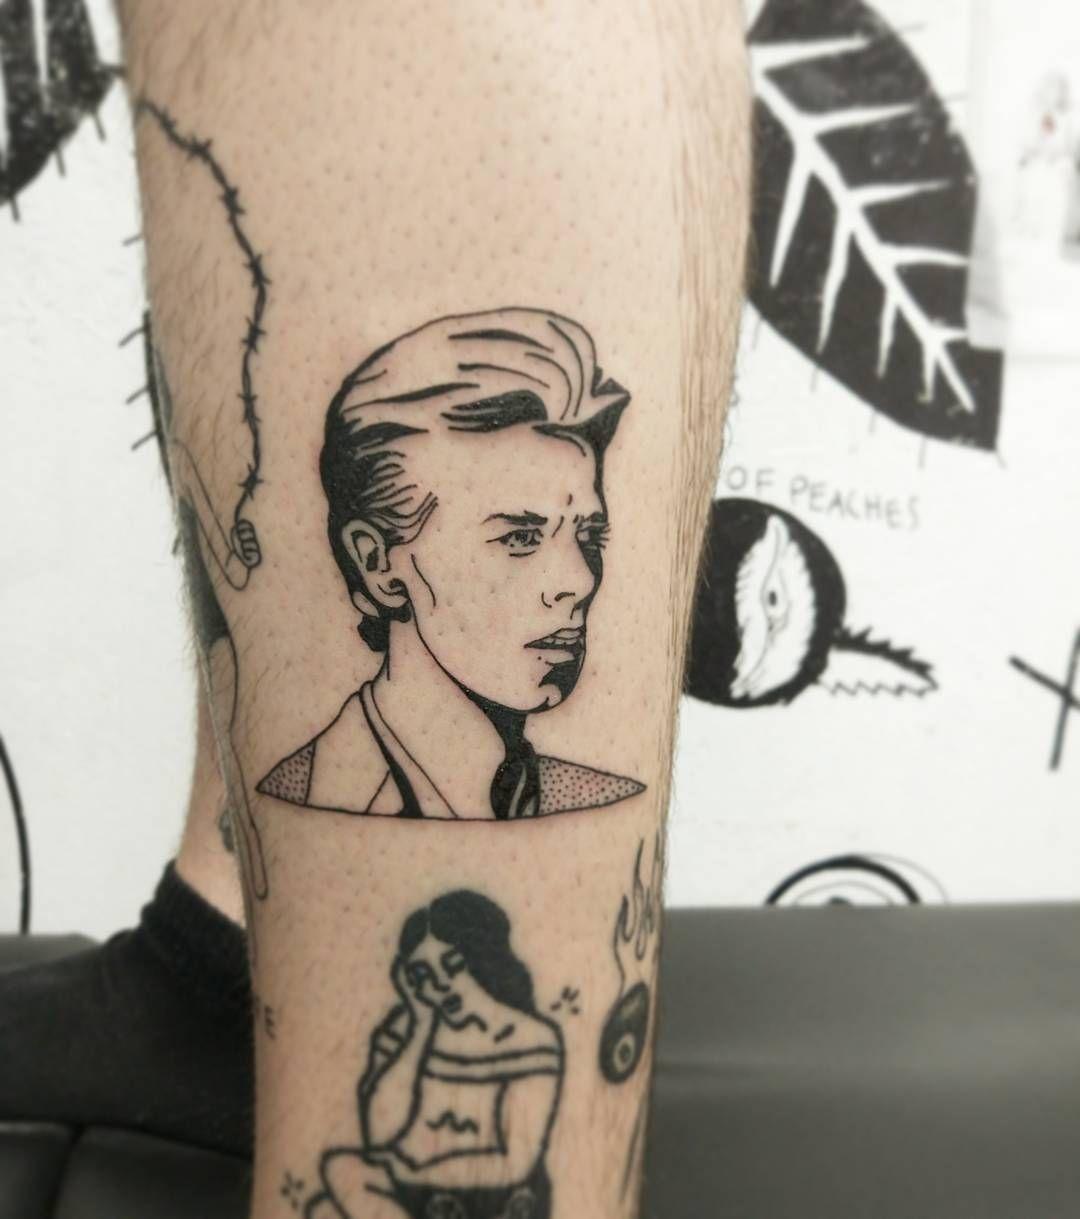 Dangelo At Rat666tat Skin Bowie Tattoo David Bowie